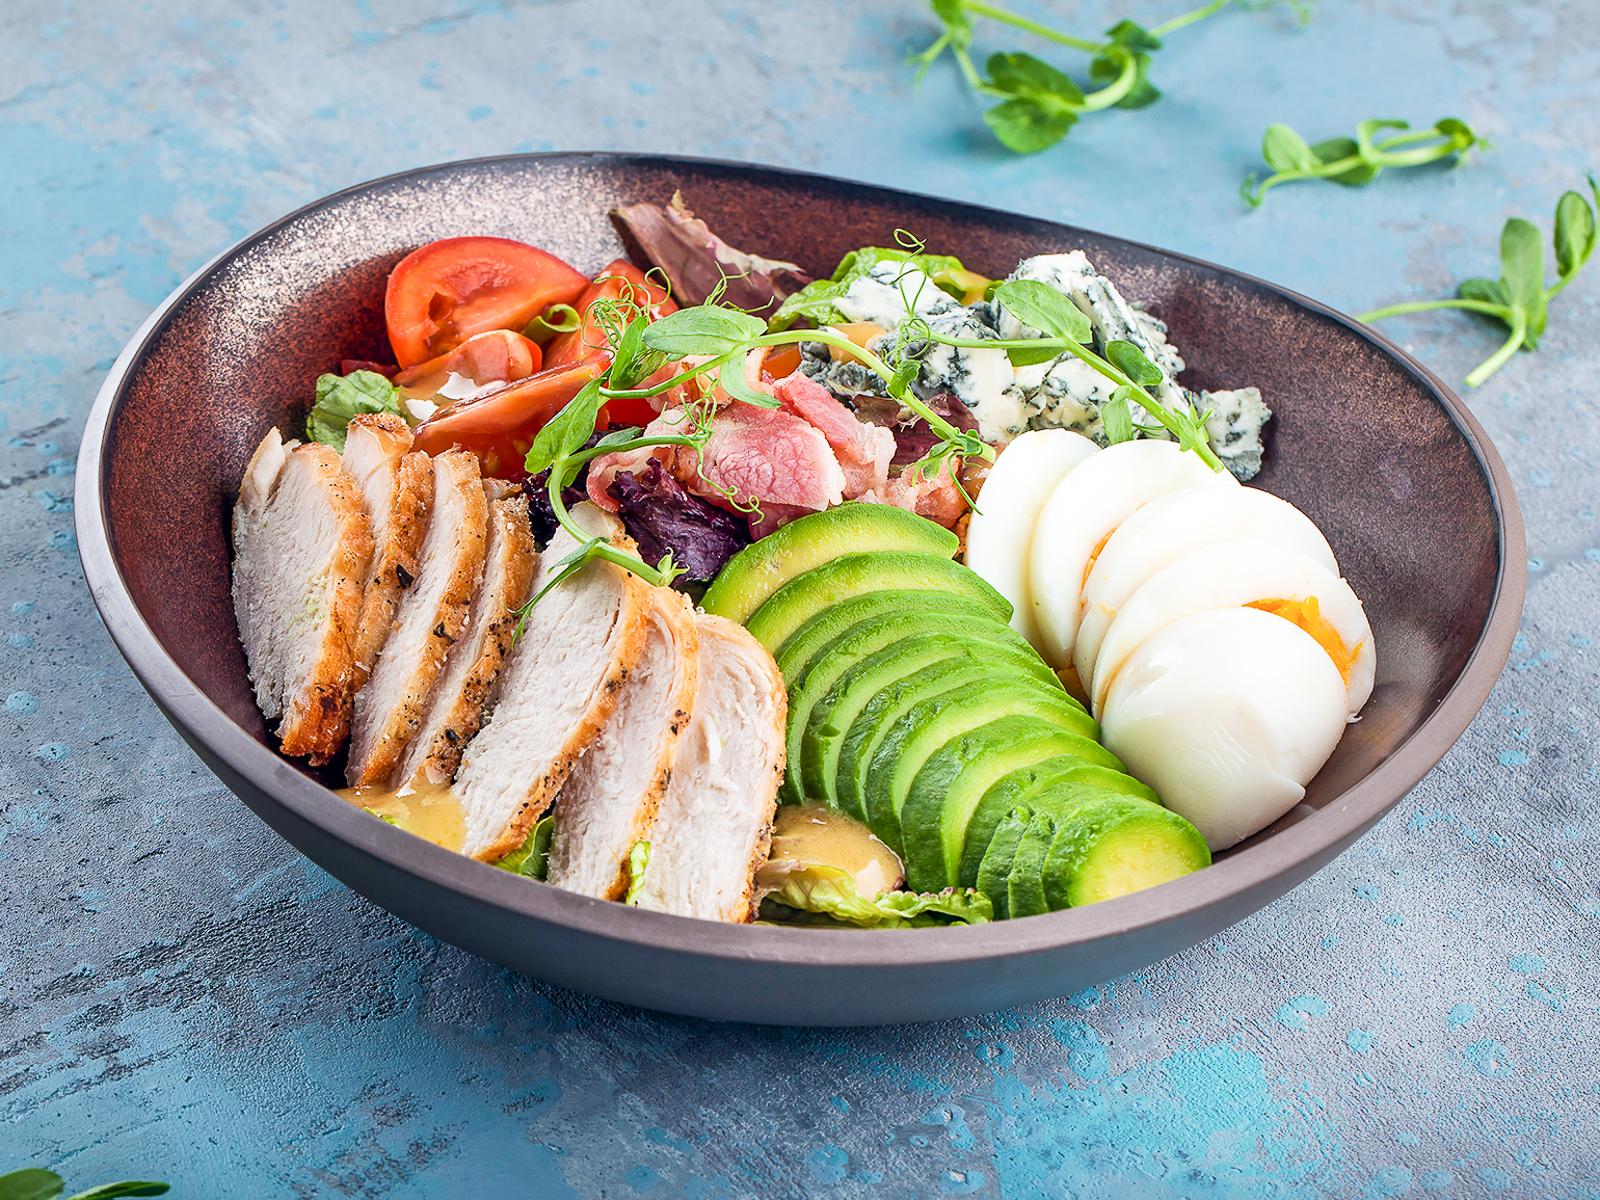 Кобб-салат с курицей гриль, беконом и голубым сыром